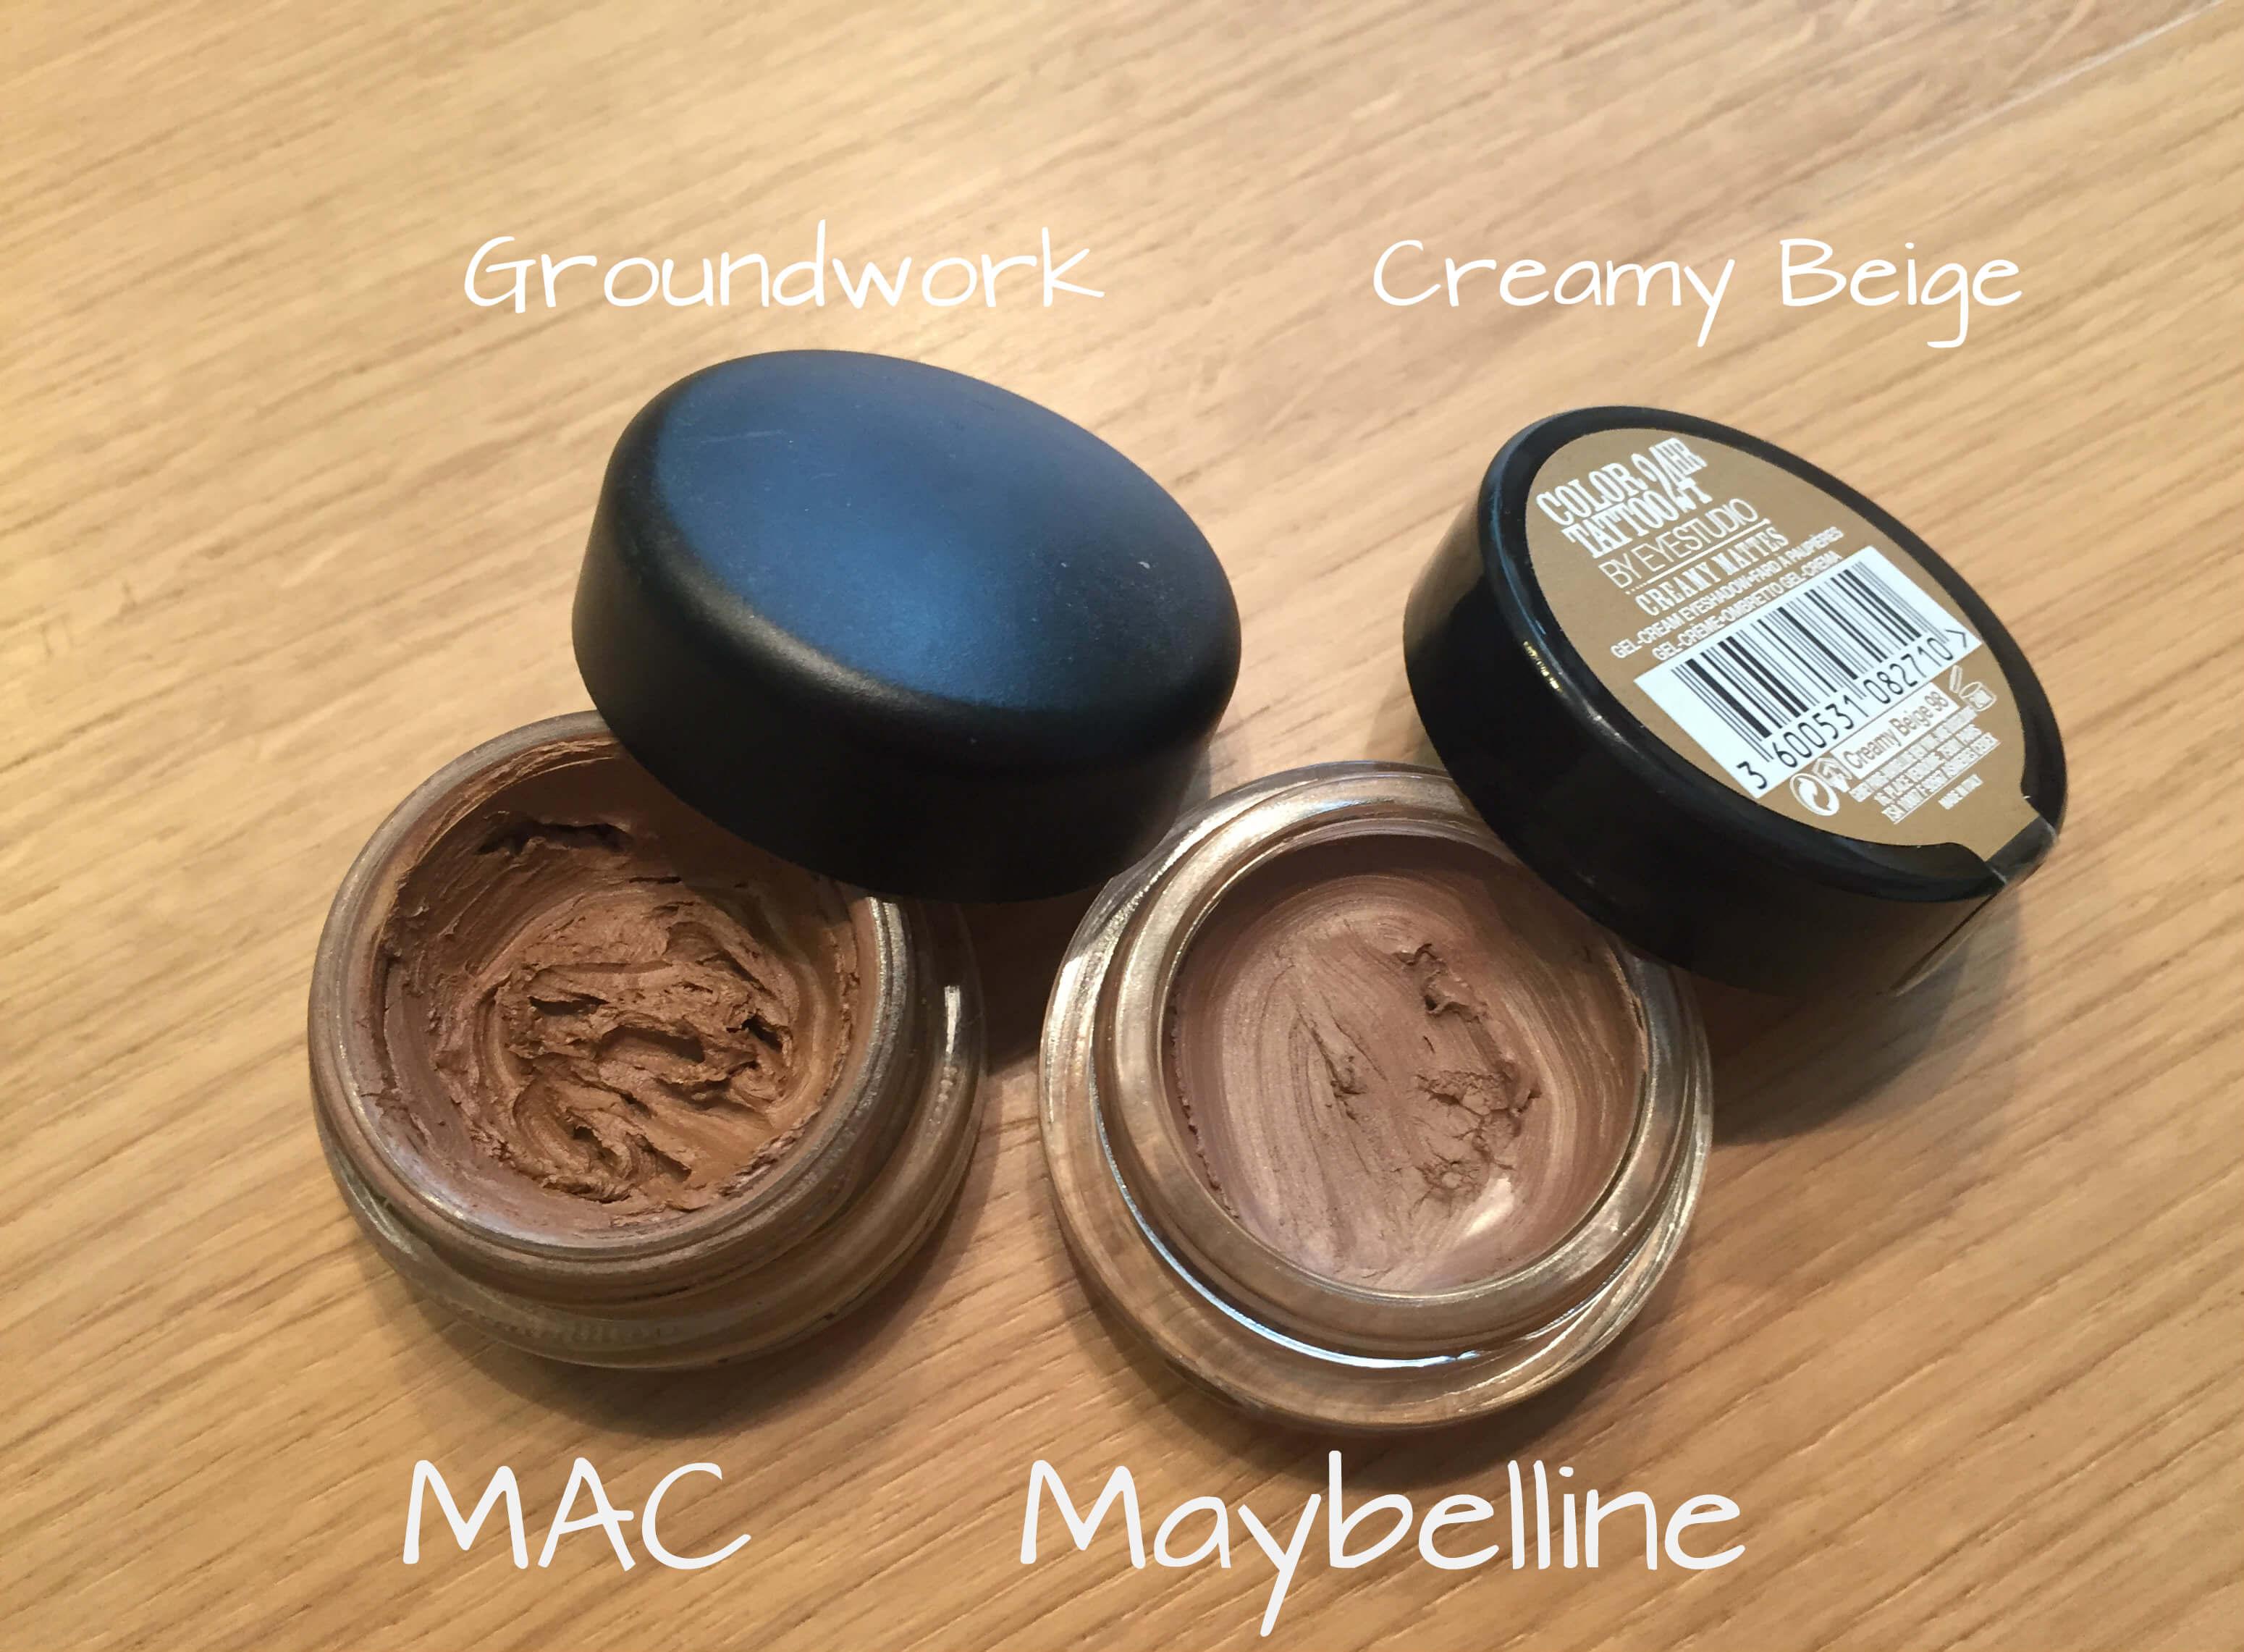 cremelidschatten-makeup